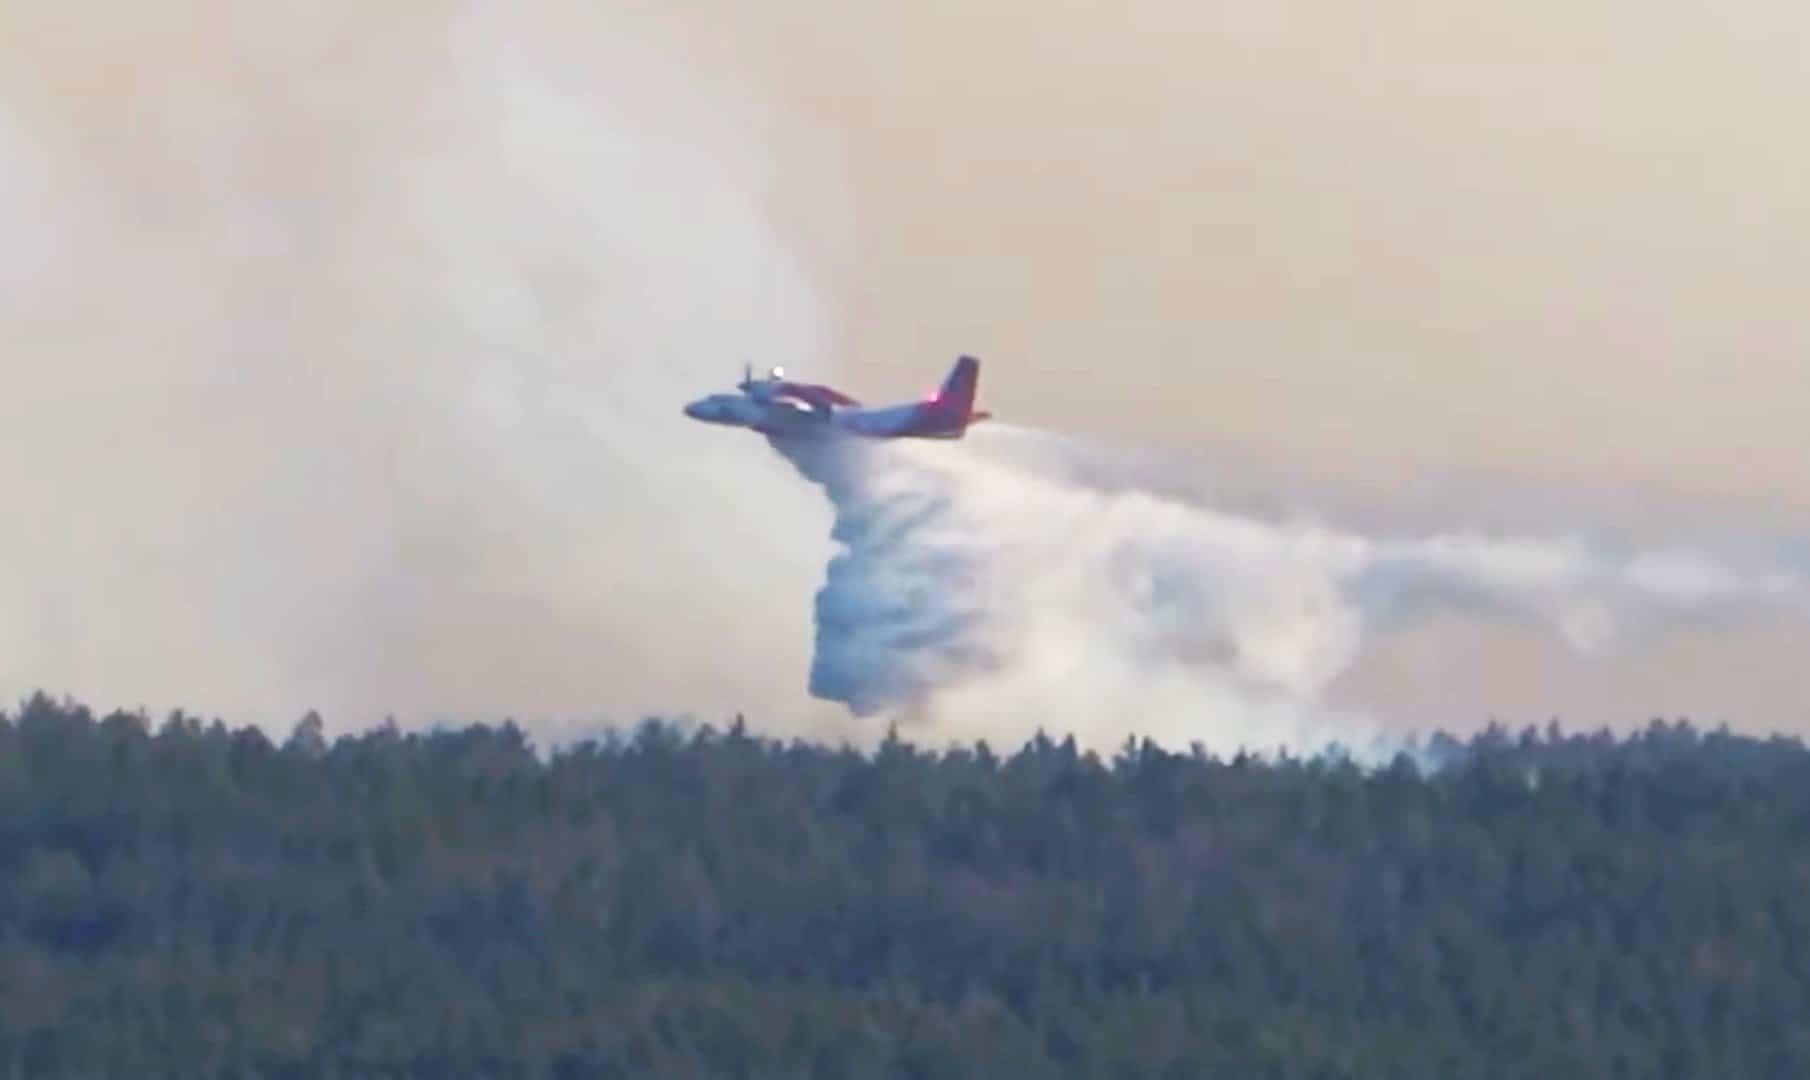 Гасіння пожежі літаком Ан-32П